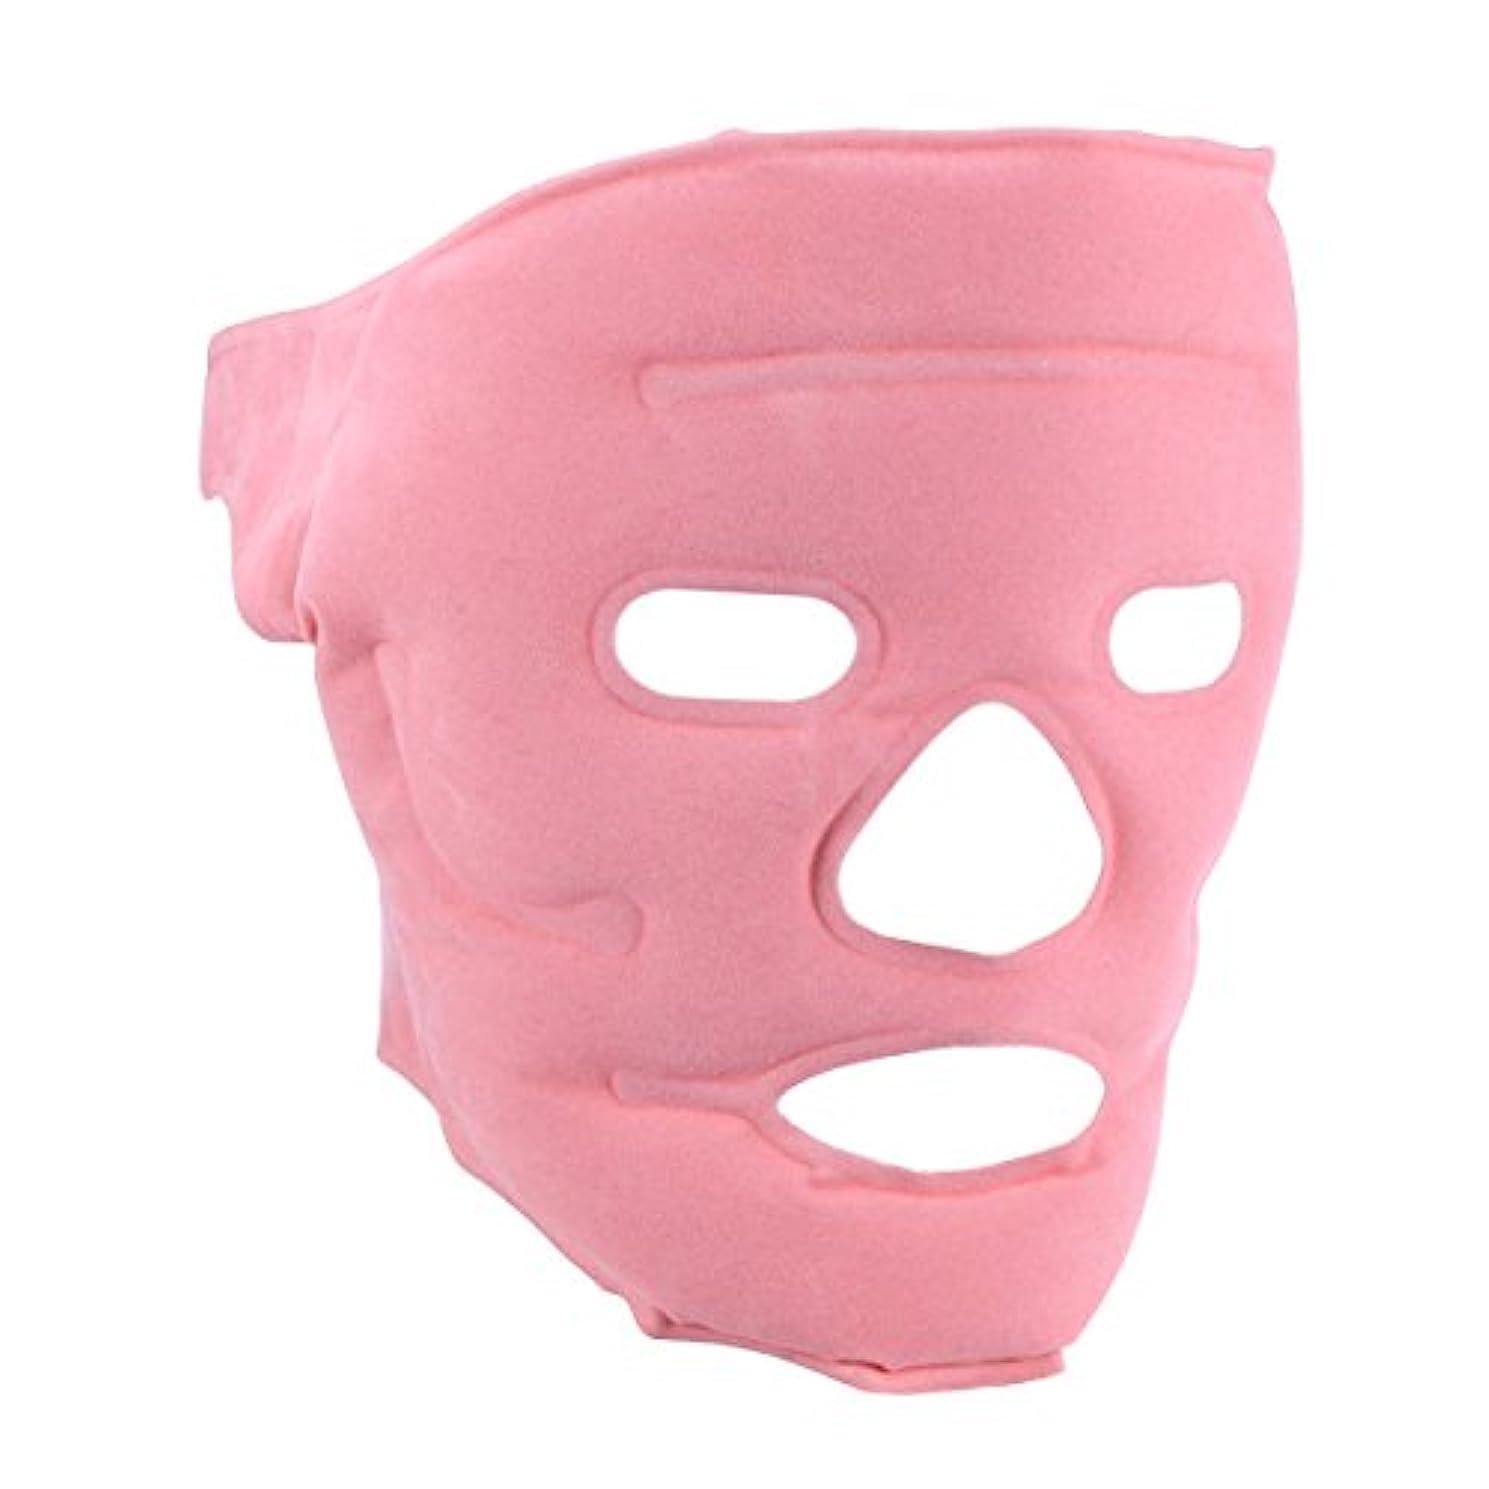 役に立つ隣人南東ROSENICE フェイシャルマスクトルマリンジェルマグネットフェイシャルマスクスリム化フェイスパウチ(ピンク)